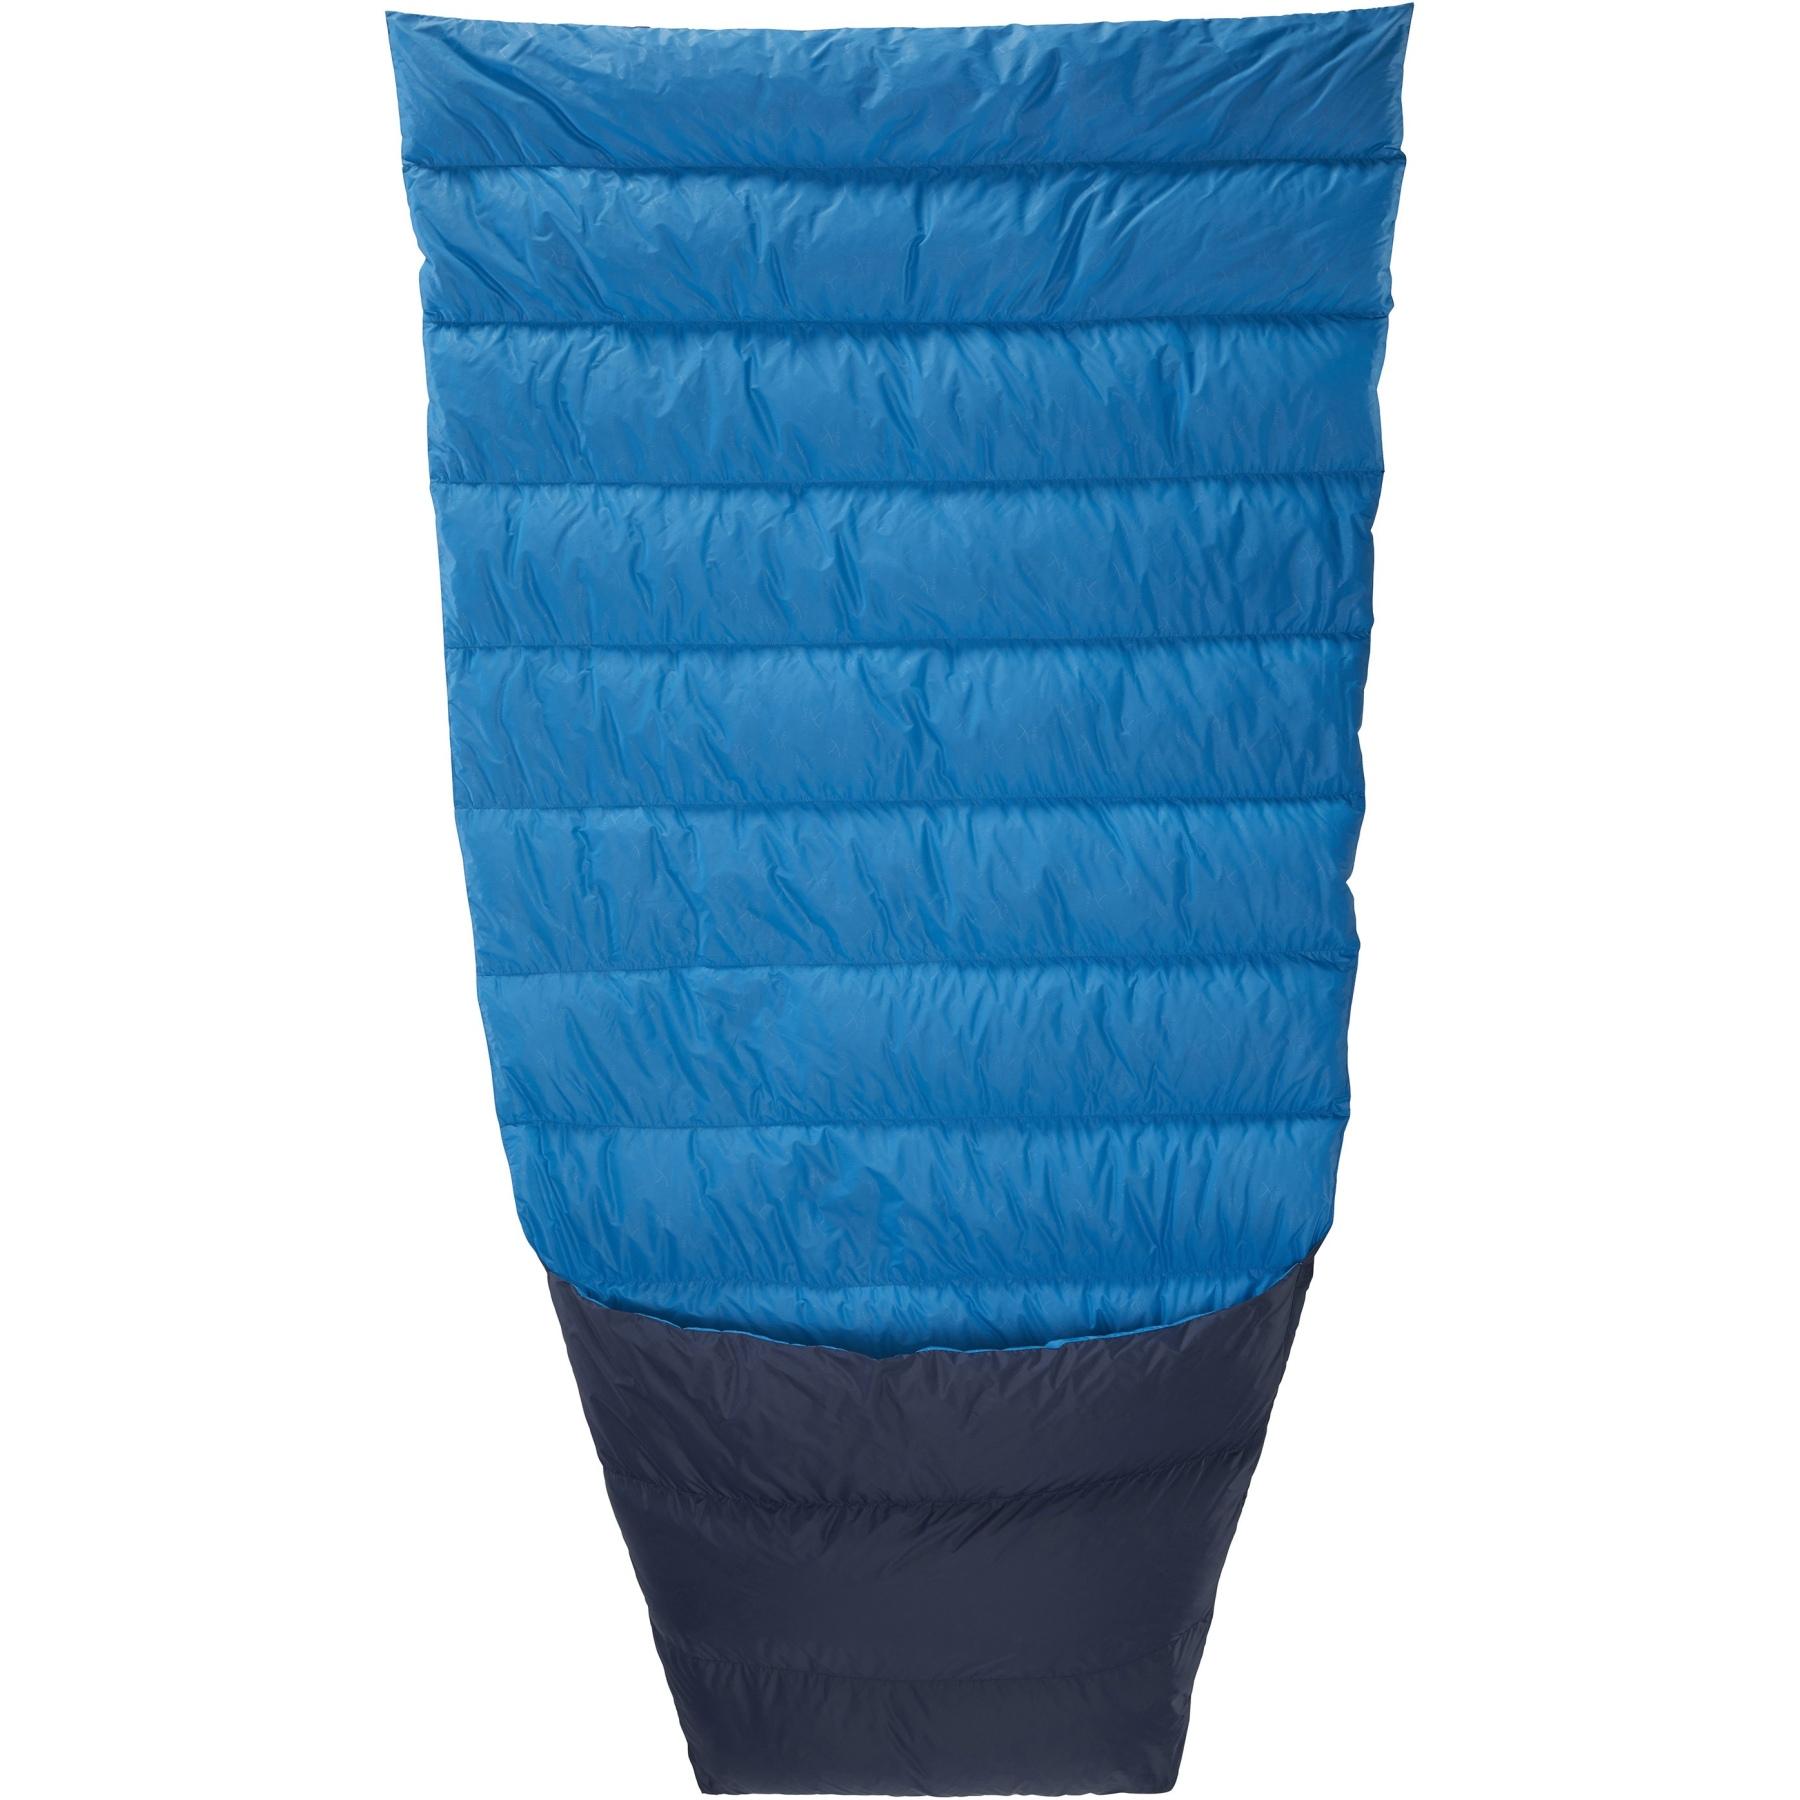 Y by Nordisk Cosy Cover - mood indigo/methyl blue